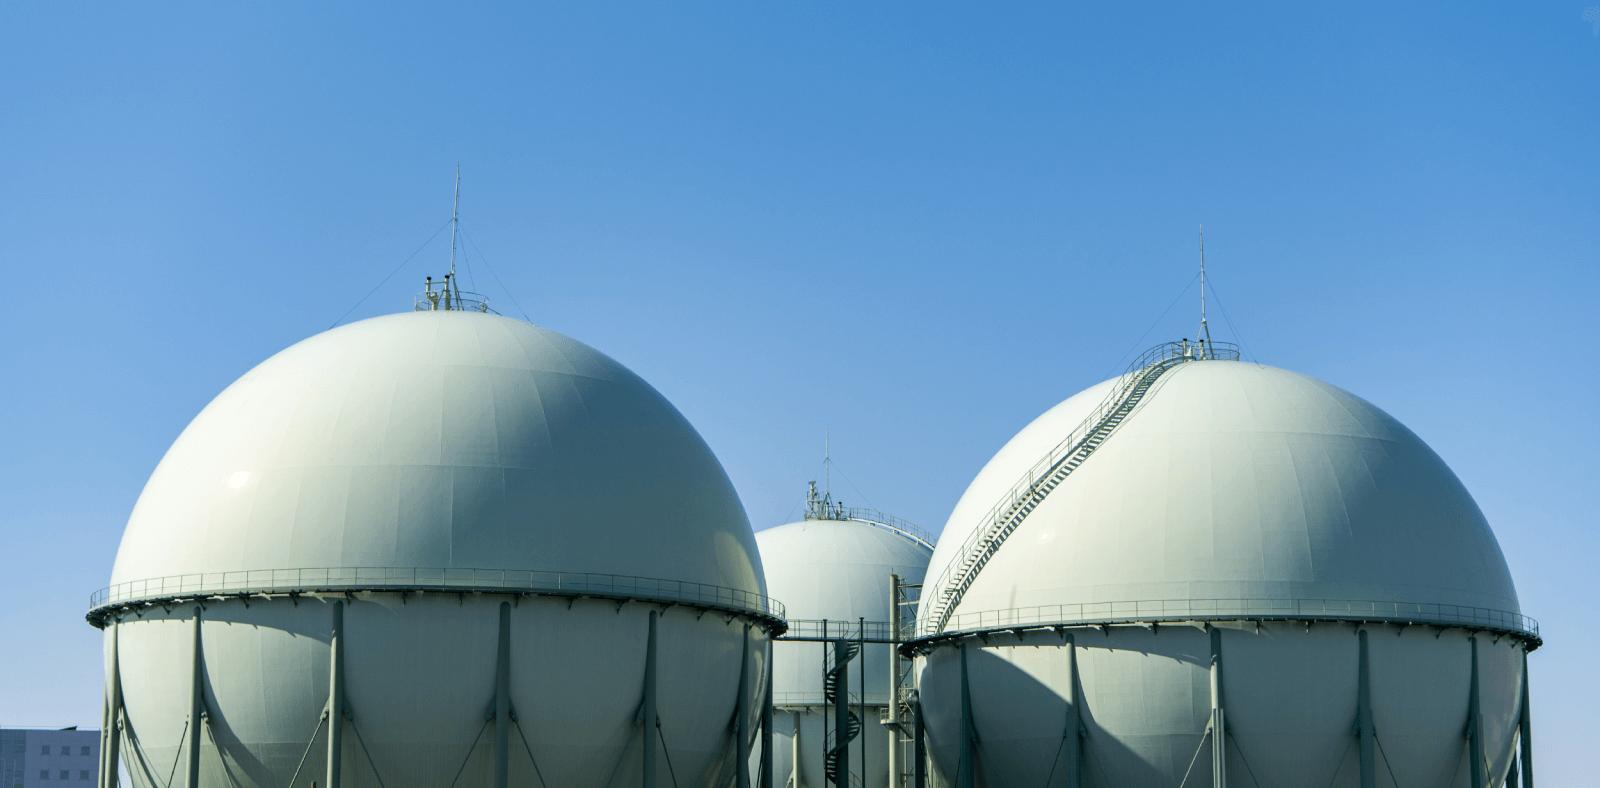 ガス会社における車両管理システムの活用方法を紹介 –配送業務を安全かつ効率的に